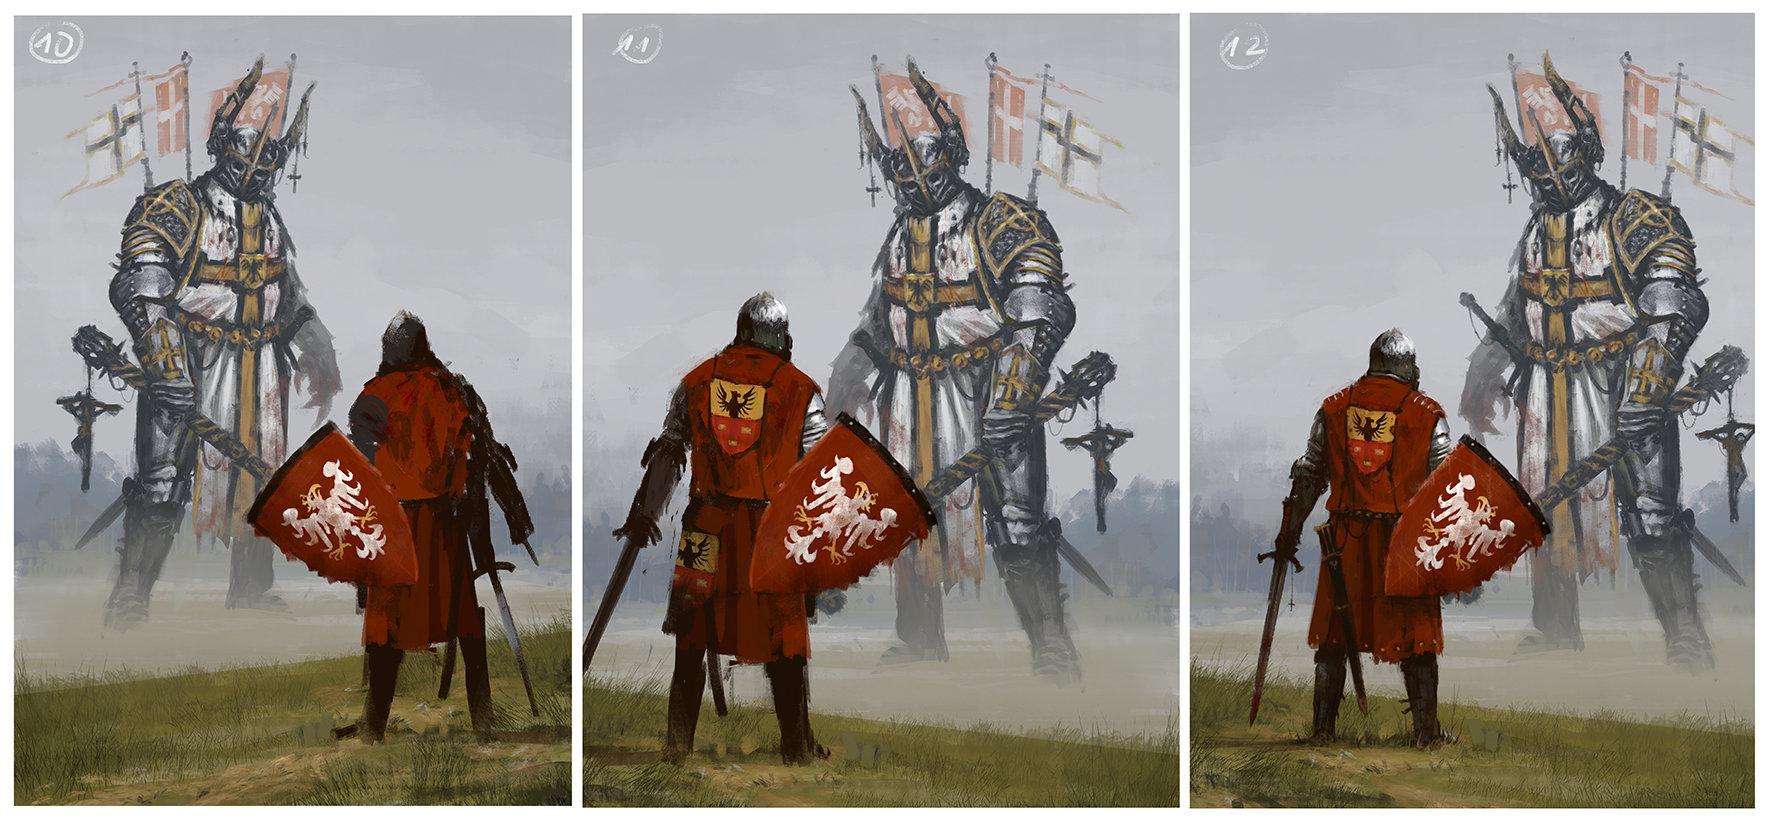 Jakub rozalski 1410 process 04